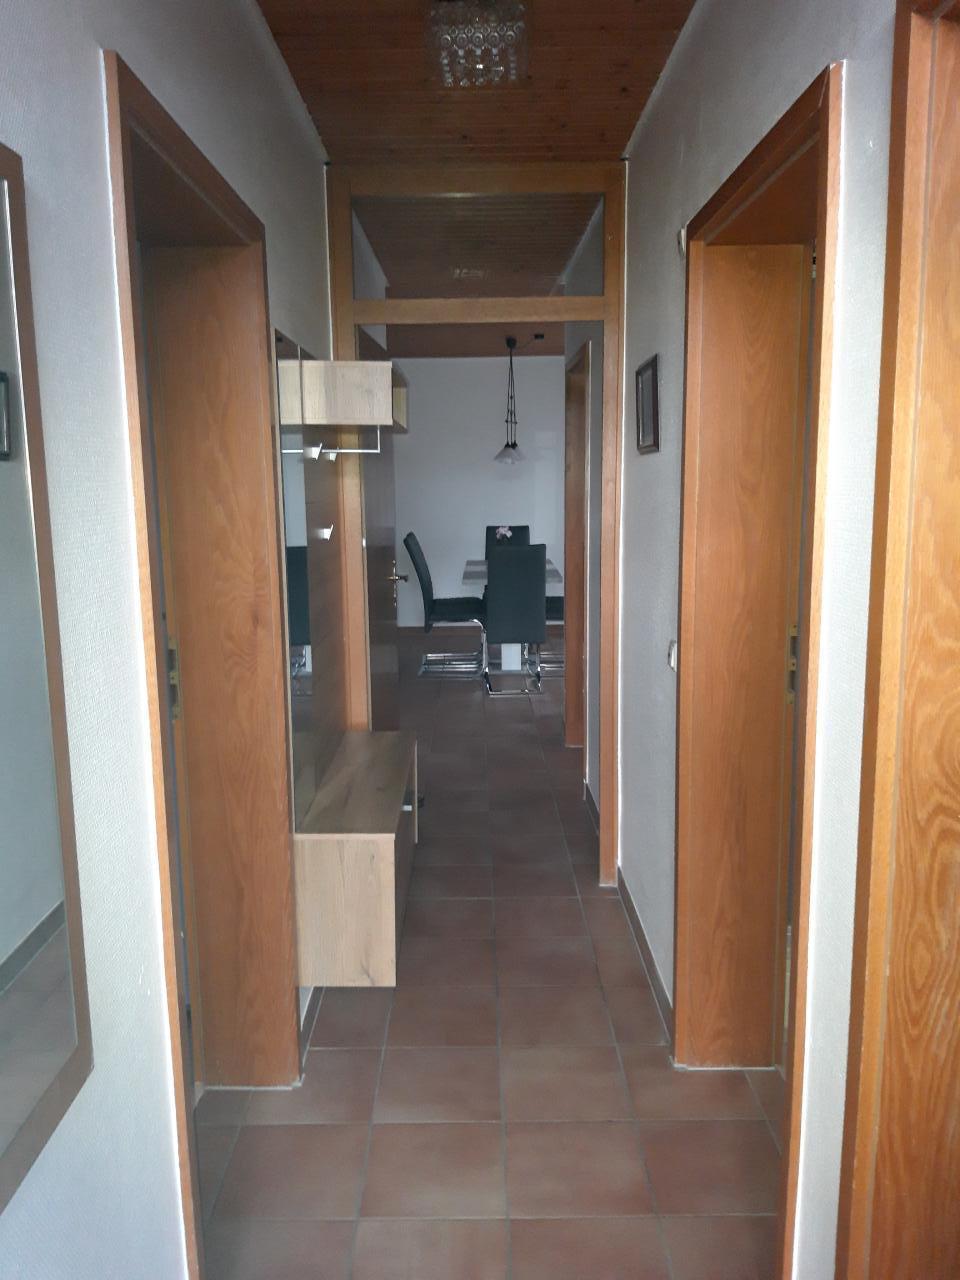 Ferienhaus Bungalow 6 neu renoviert für 4-6 Personen in der Rhön Residence Bungalows (757461), Dipperz, Rhön (Hessen), Hessen, Deutschland, Bild 3